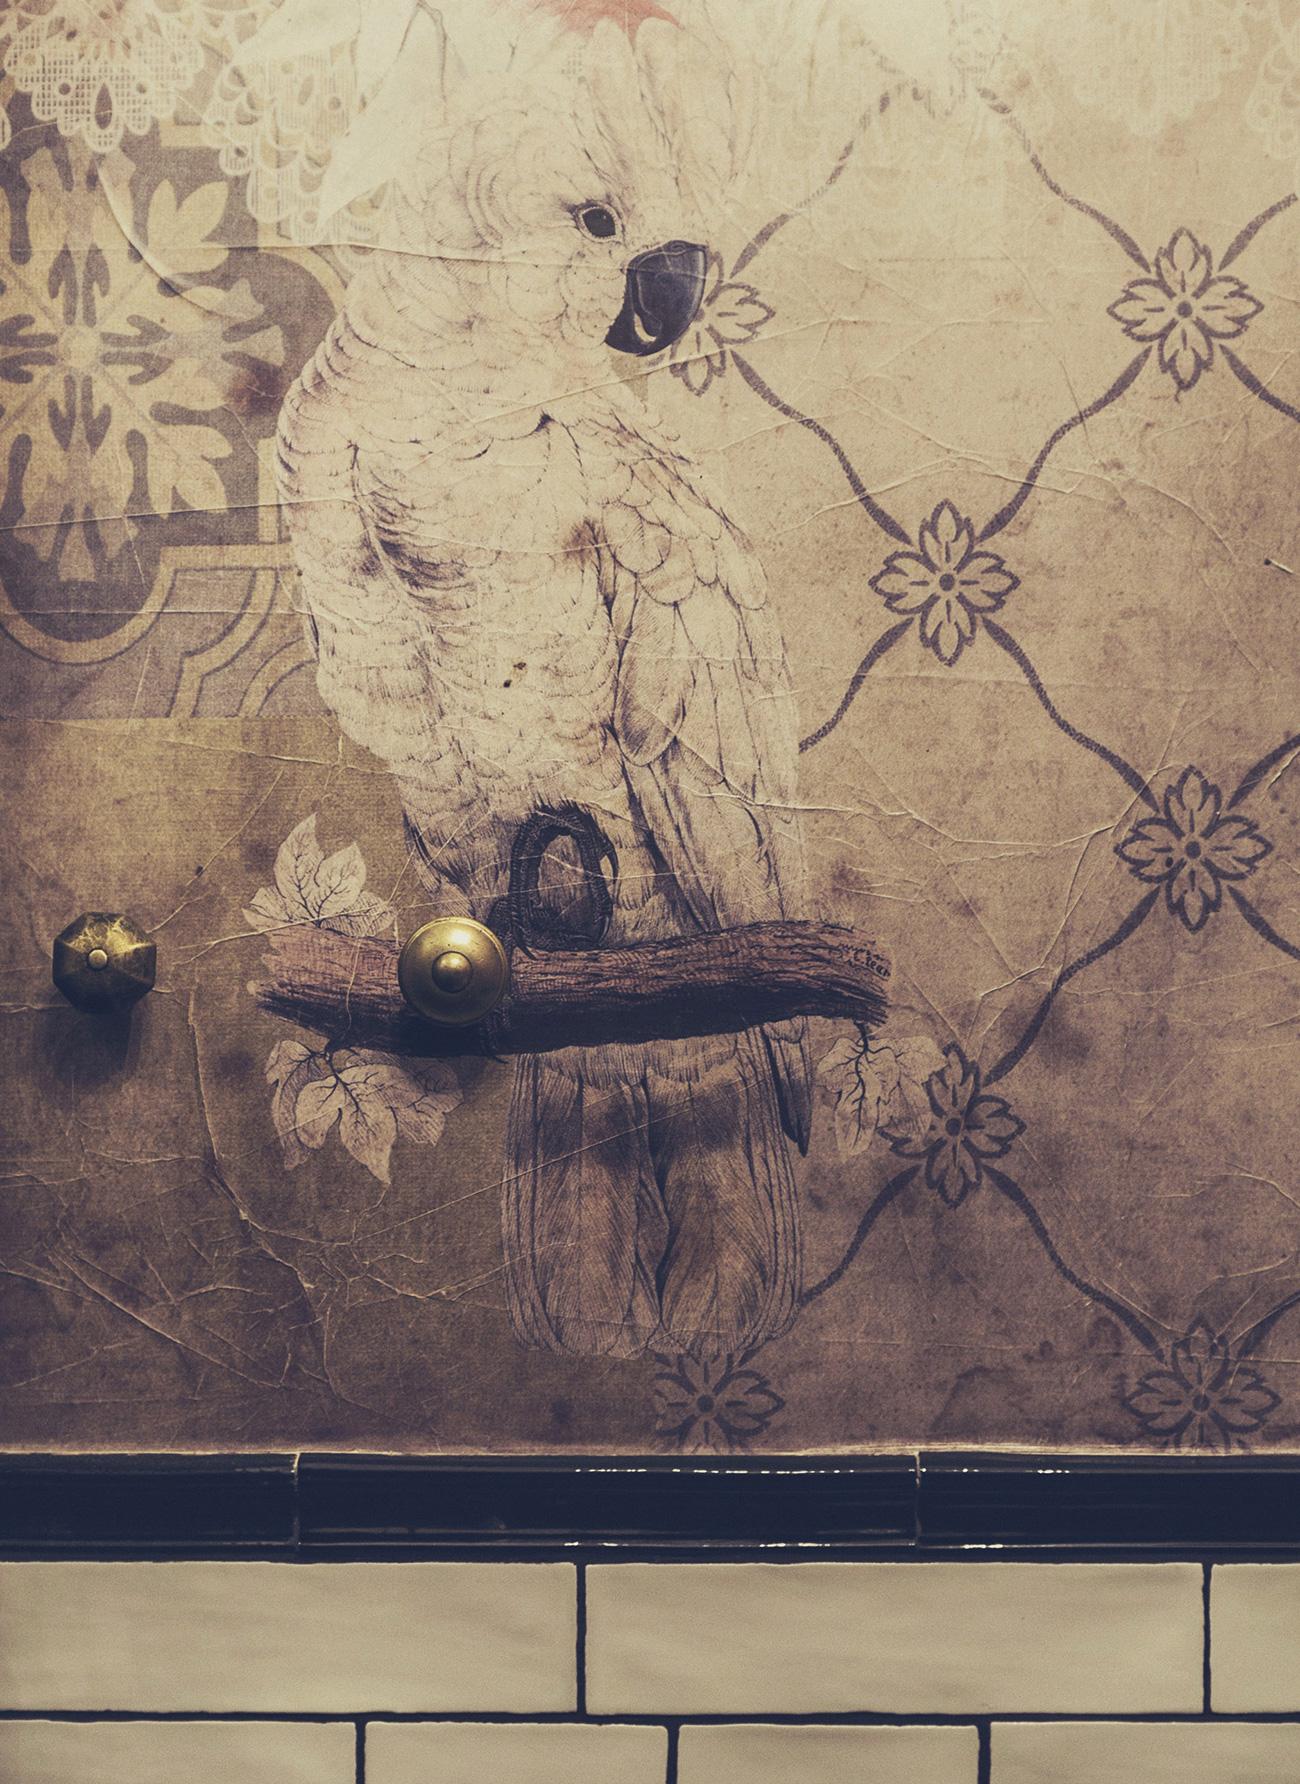 Detalle de los baños en el proyecto de interiorismo de N5.